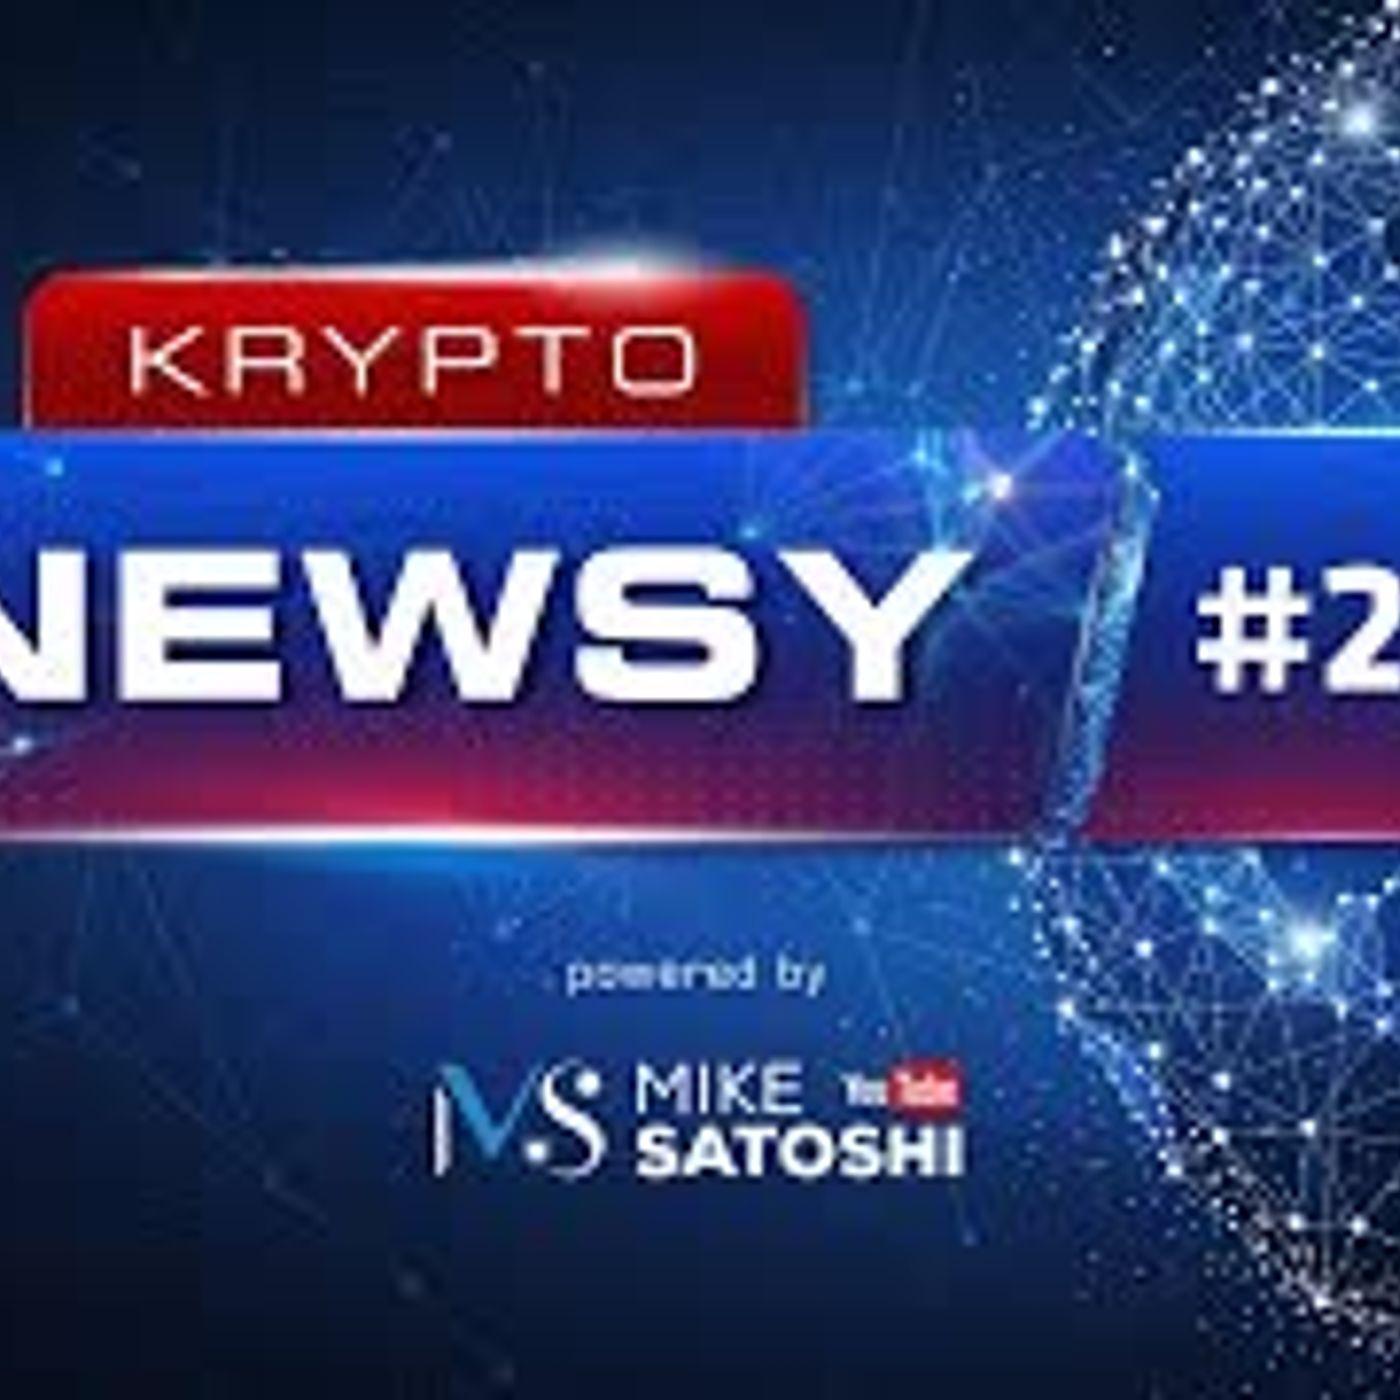 Krypto-Newsy #215 | 13.05.2020 | Bitcoin może wrócić szybko na $14k, EOS, XRP, Tezos - prawie puste bloki